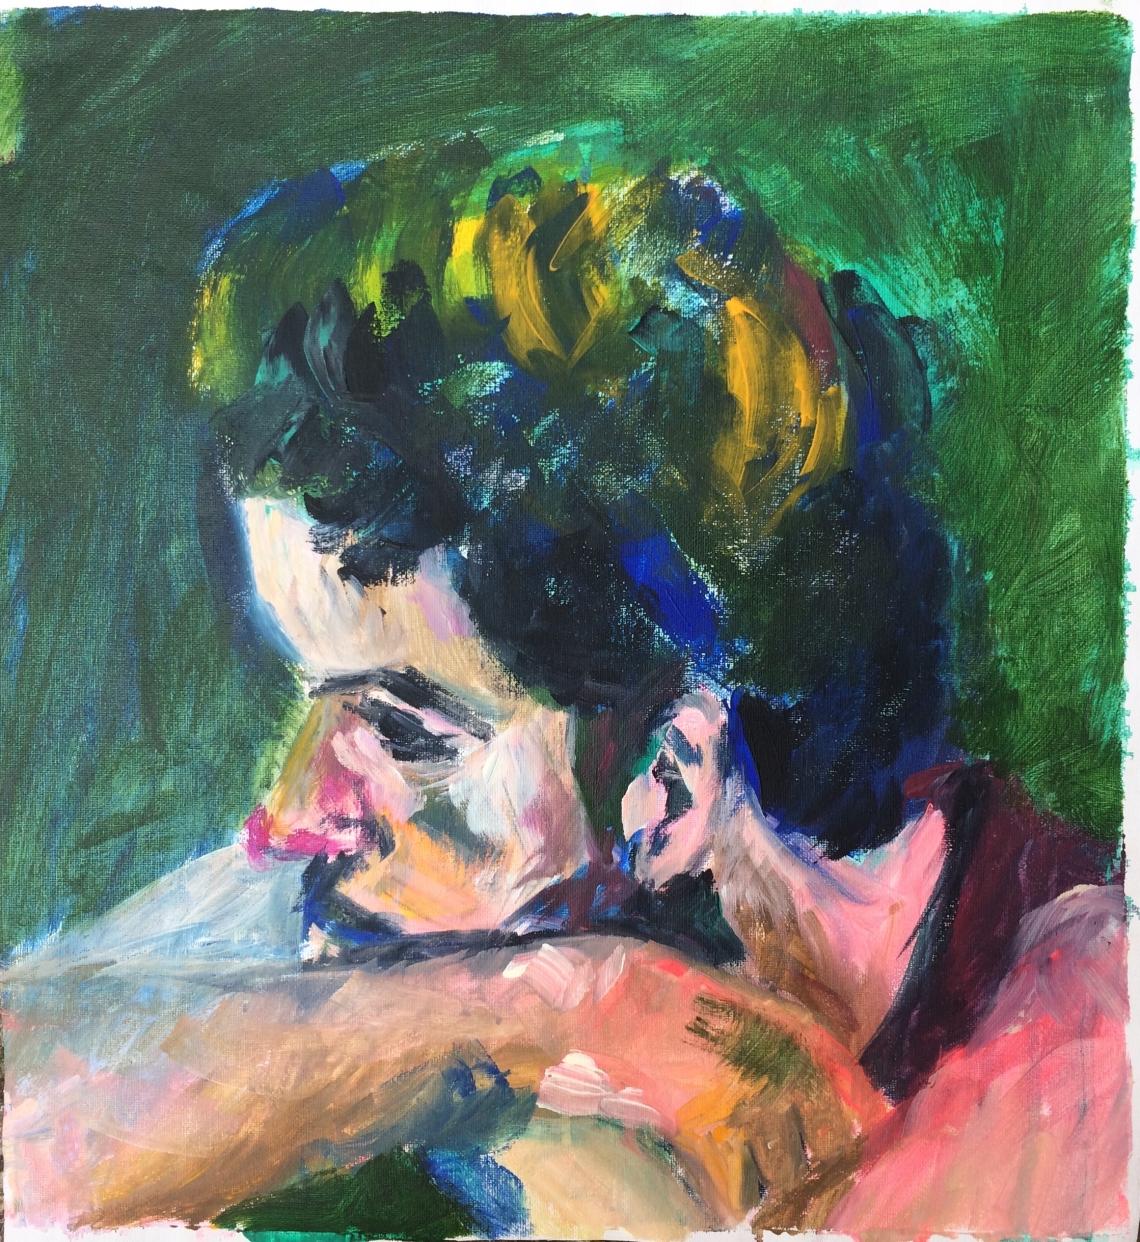 Mann auf gruenem Hintergrund